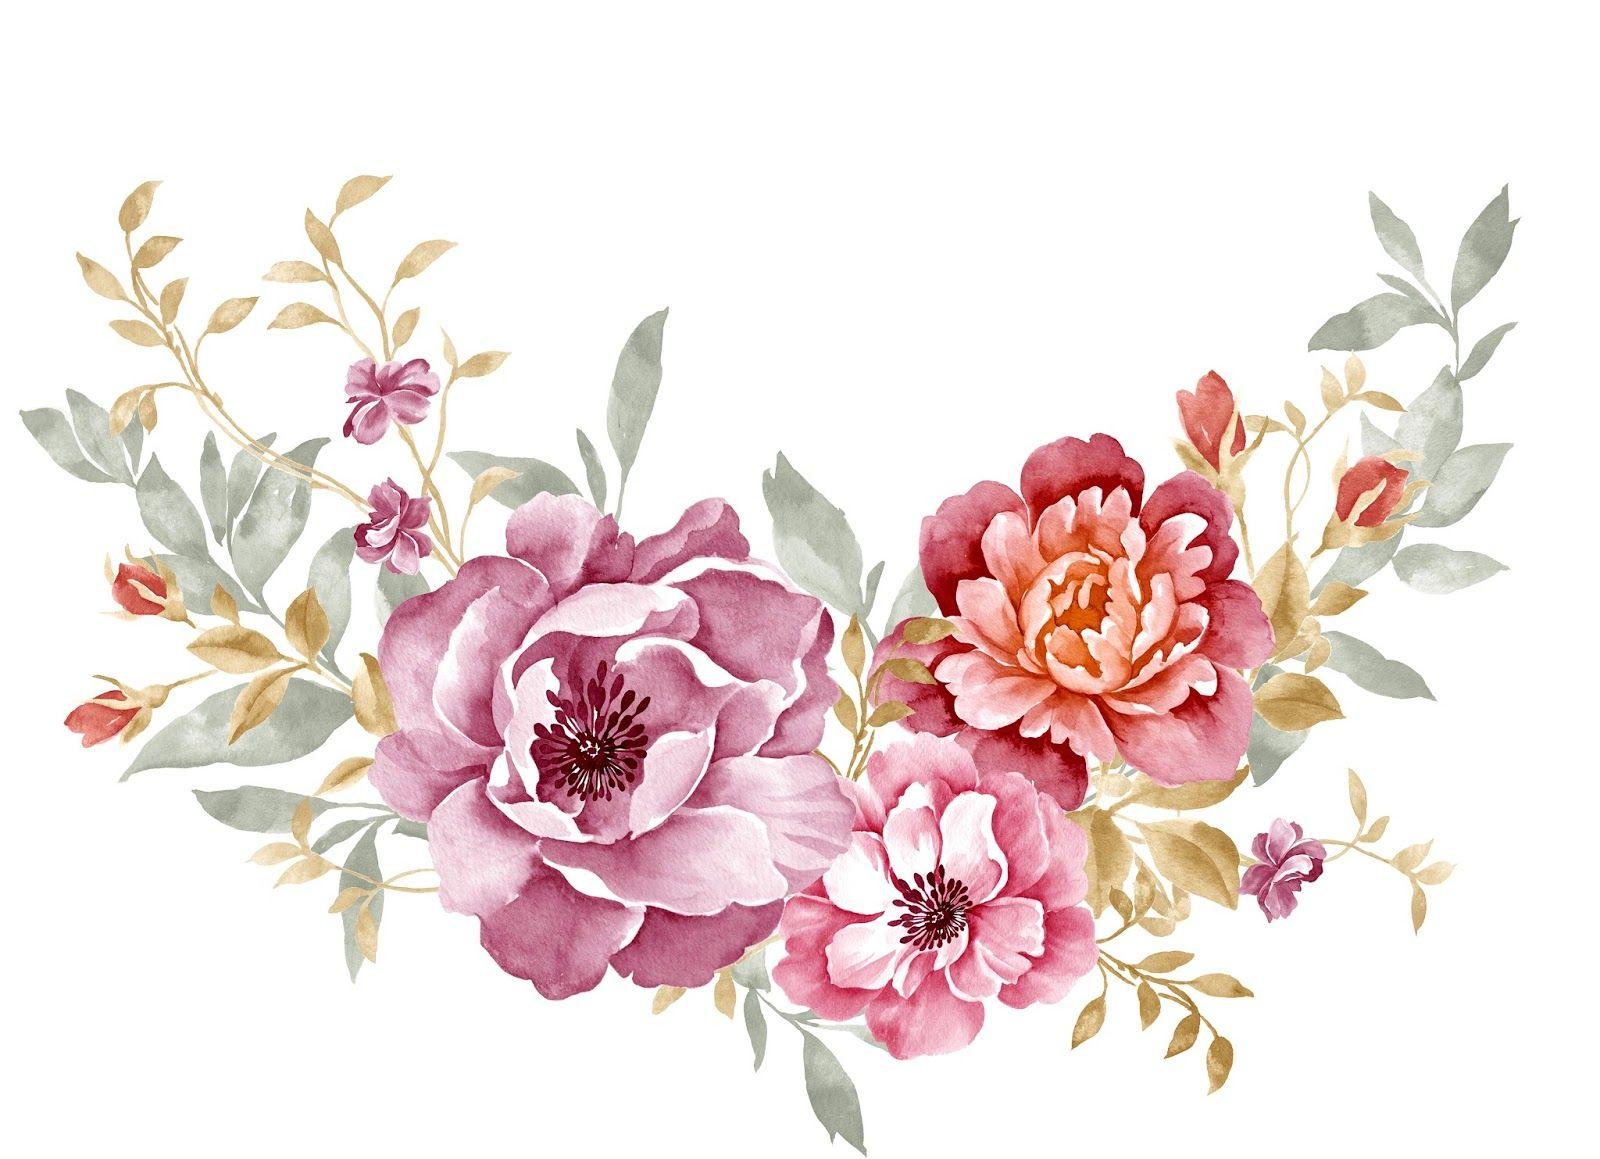 Watercolour bouquet of varous flower design patterns studio watercolour bouquet of varous flower design patterns studio mightylinksfo